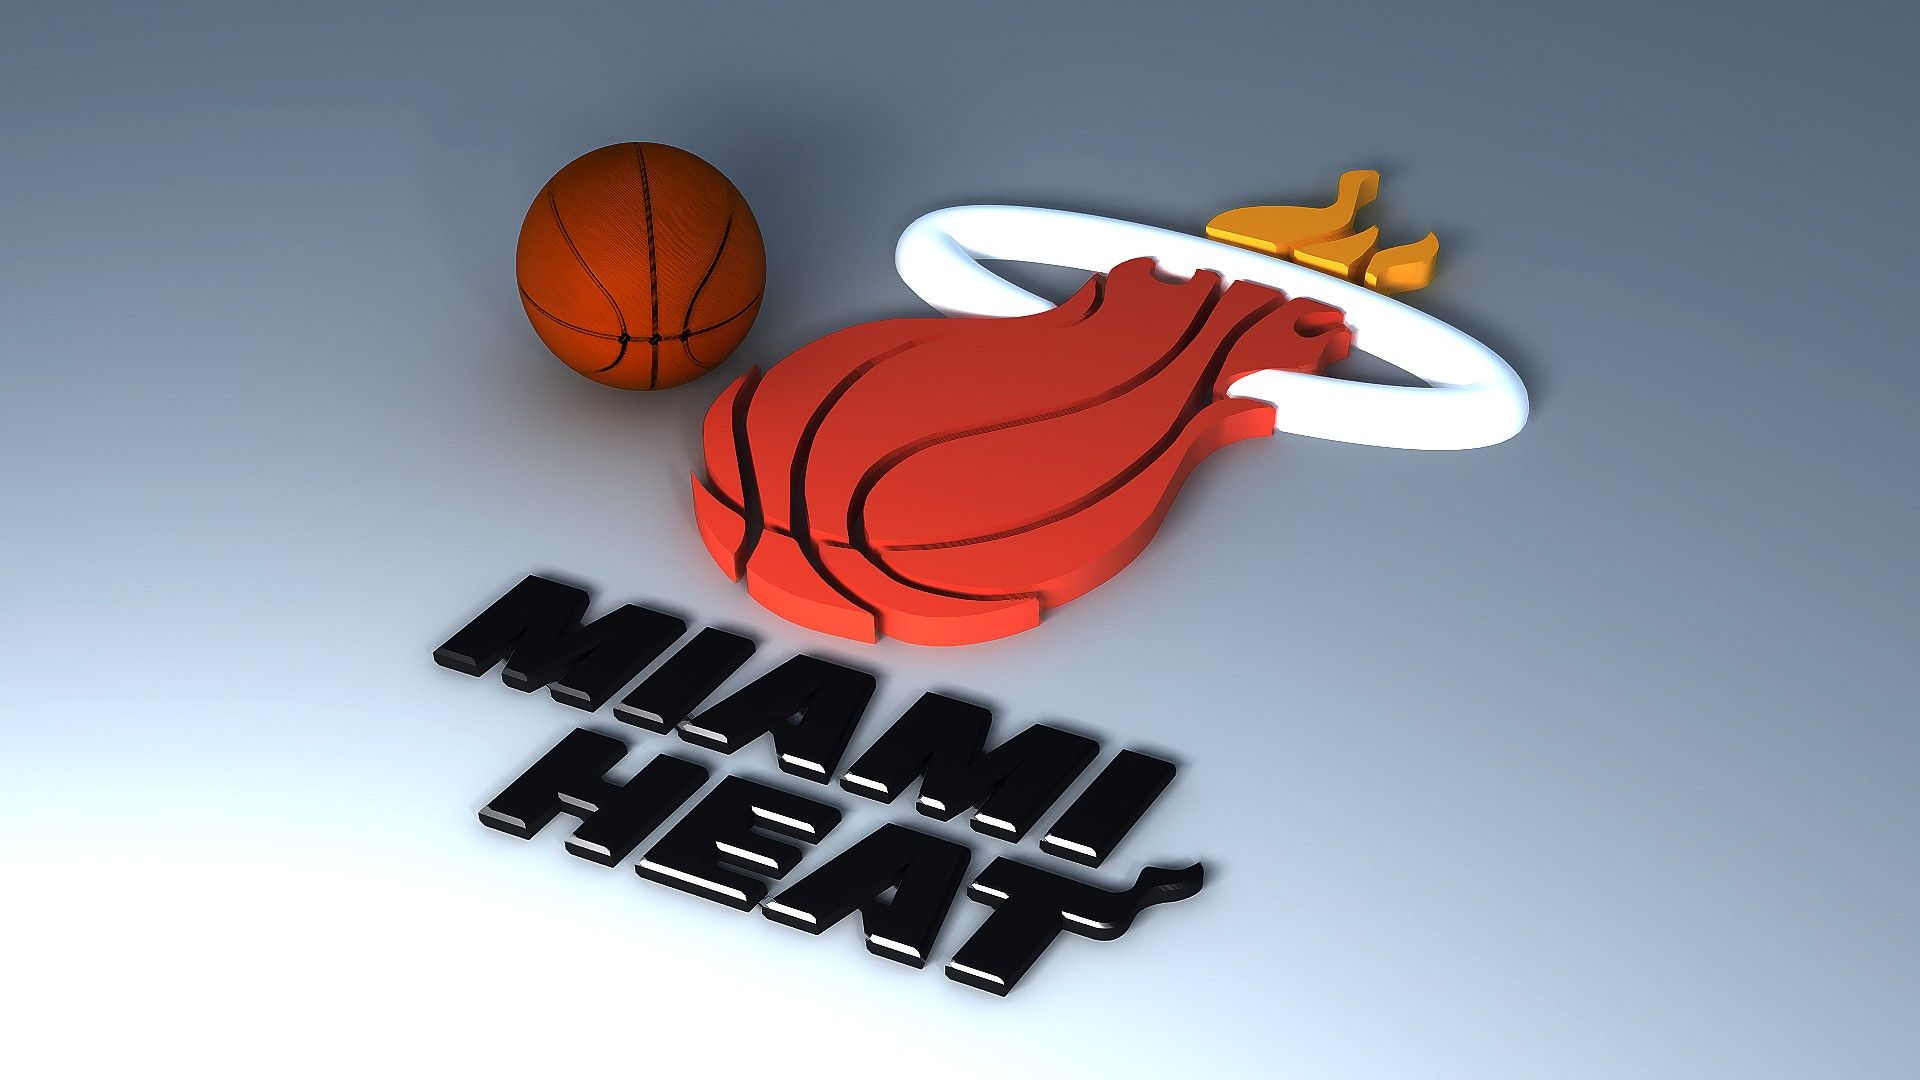 Basketball Wallpaper Best Basketball Wallpapers 2020 Basketball Wallpaper Miami Heat Miami Heat Logo